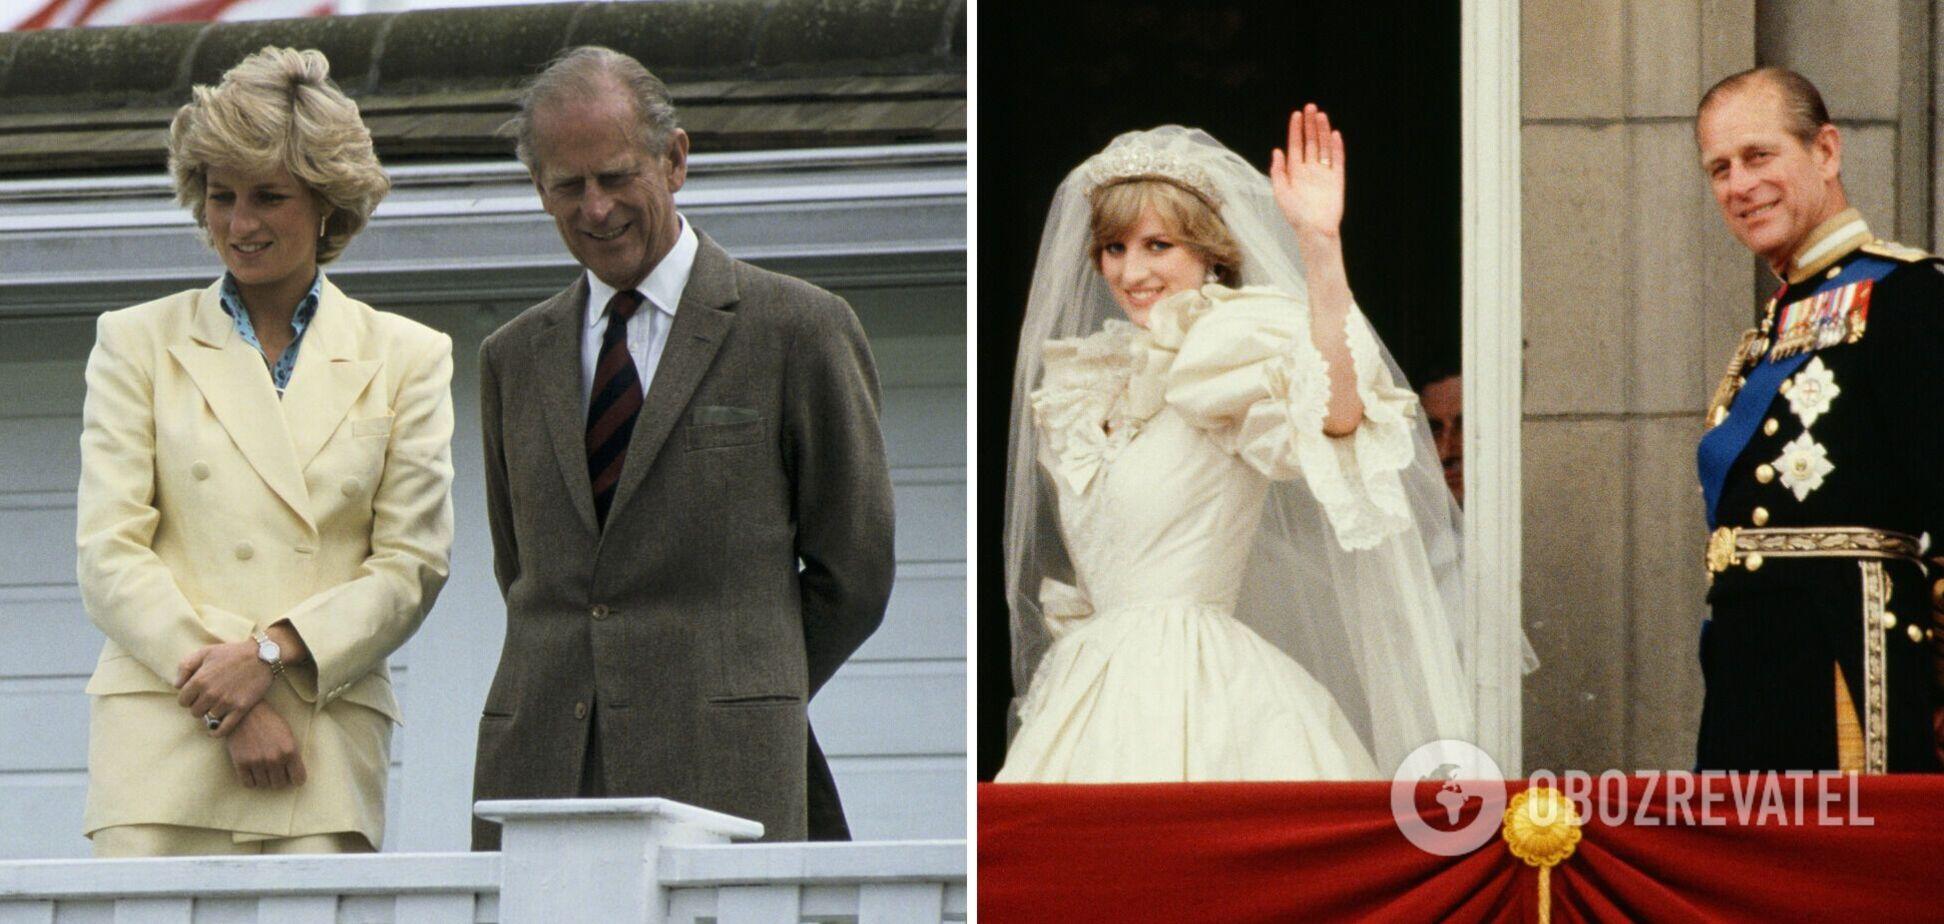 СМИ показали трогательную переписку принца Филиппа и принцессы Дианы